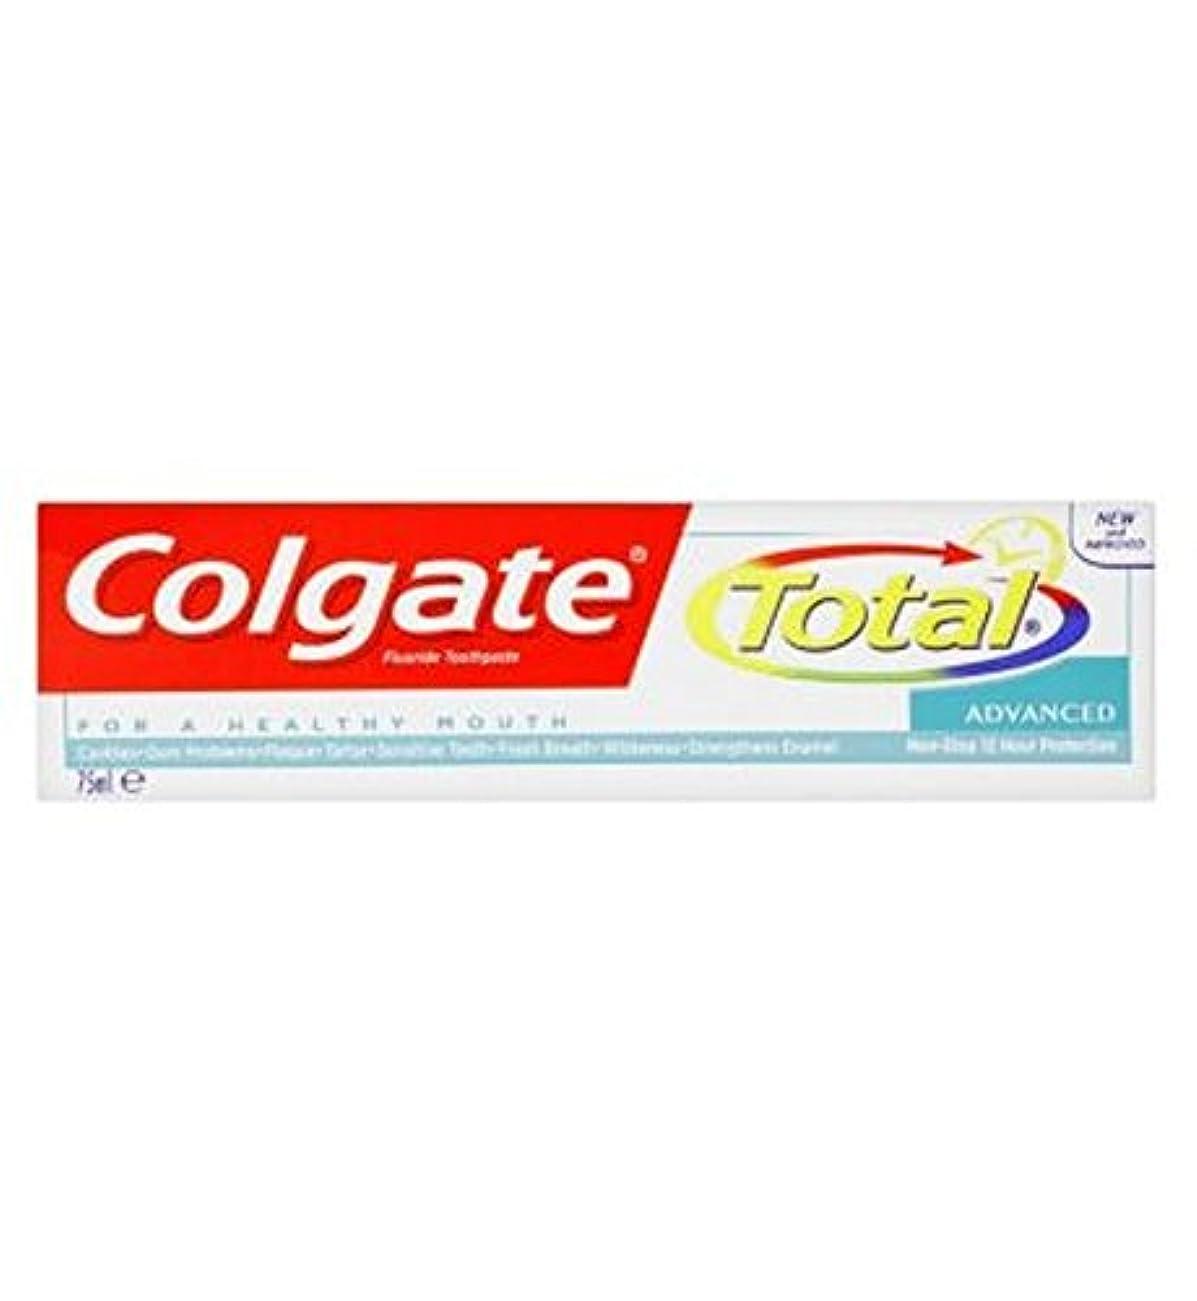 ナラーバー換気する才能コルゲートトータル高度な歯磨き粉75ミリリットル (Colgate) (x2) - Colgate Total Advanced toothpaste 75ml (Pack of 2) [並行輸入品]